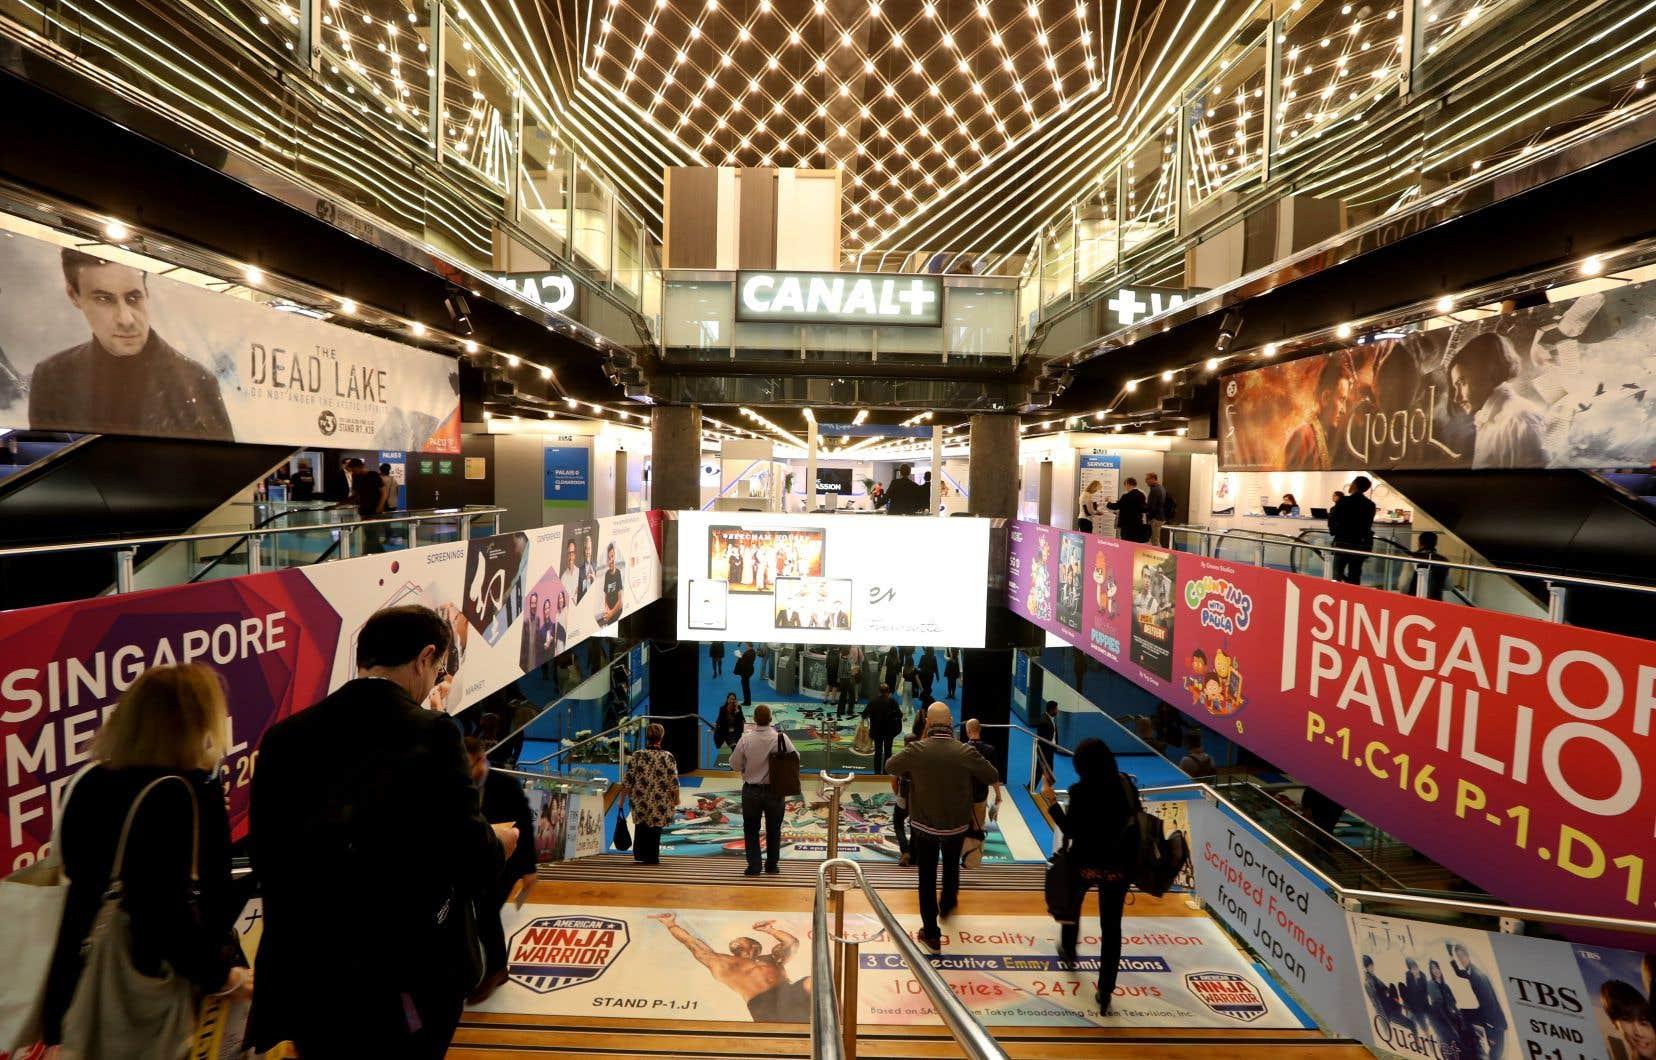 Le MIPTV est le deuxième événement mondial en importance destiné aux professionnels de la télévision, derrière son pendant automnal, le MIPCOM.